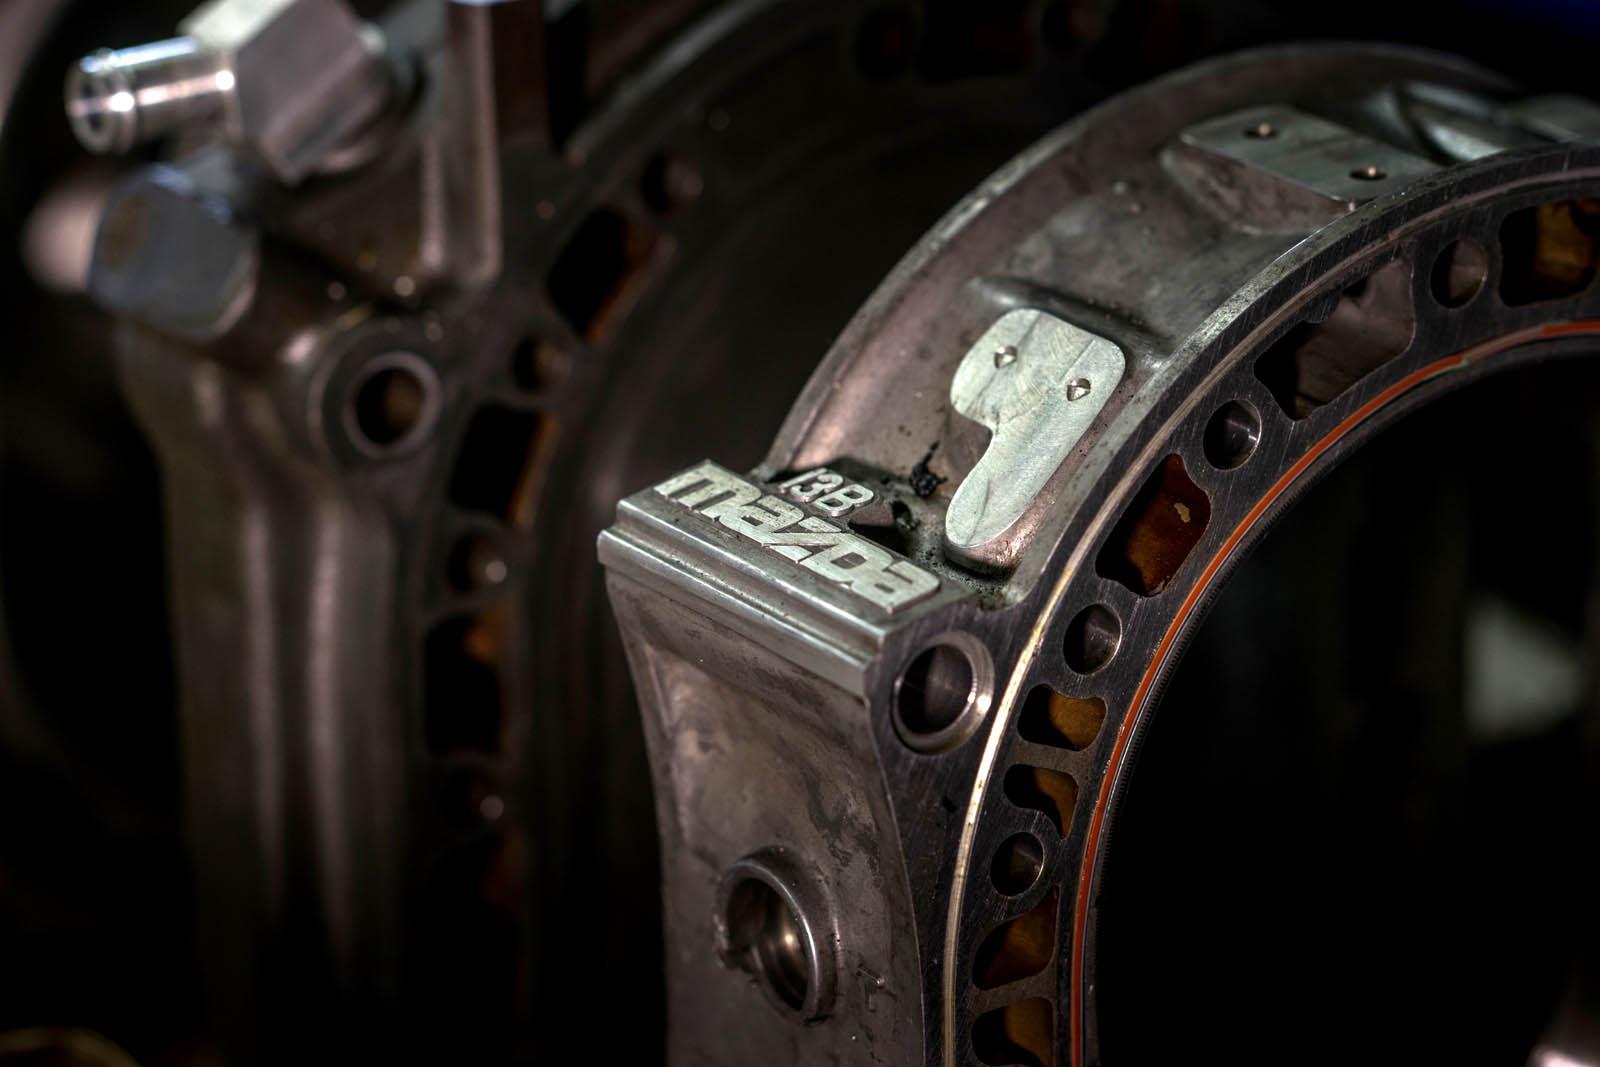 Mazda-50-years-of-rotary-6